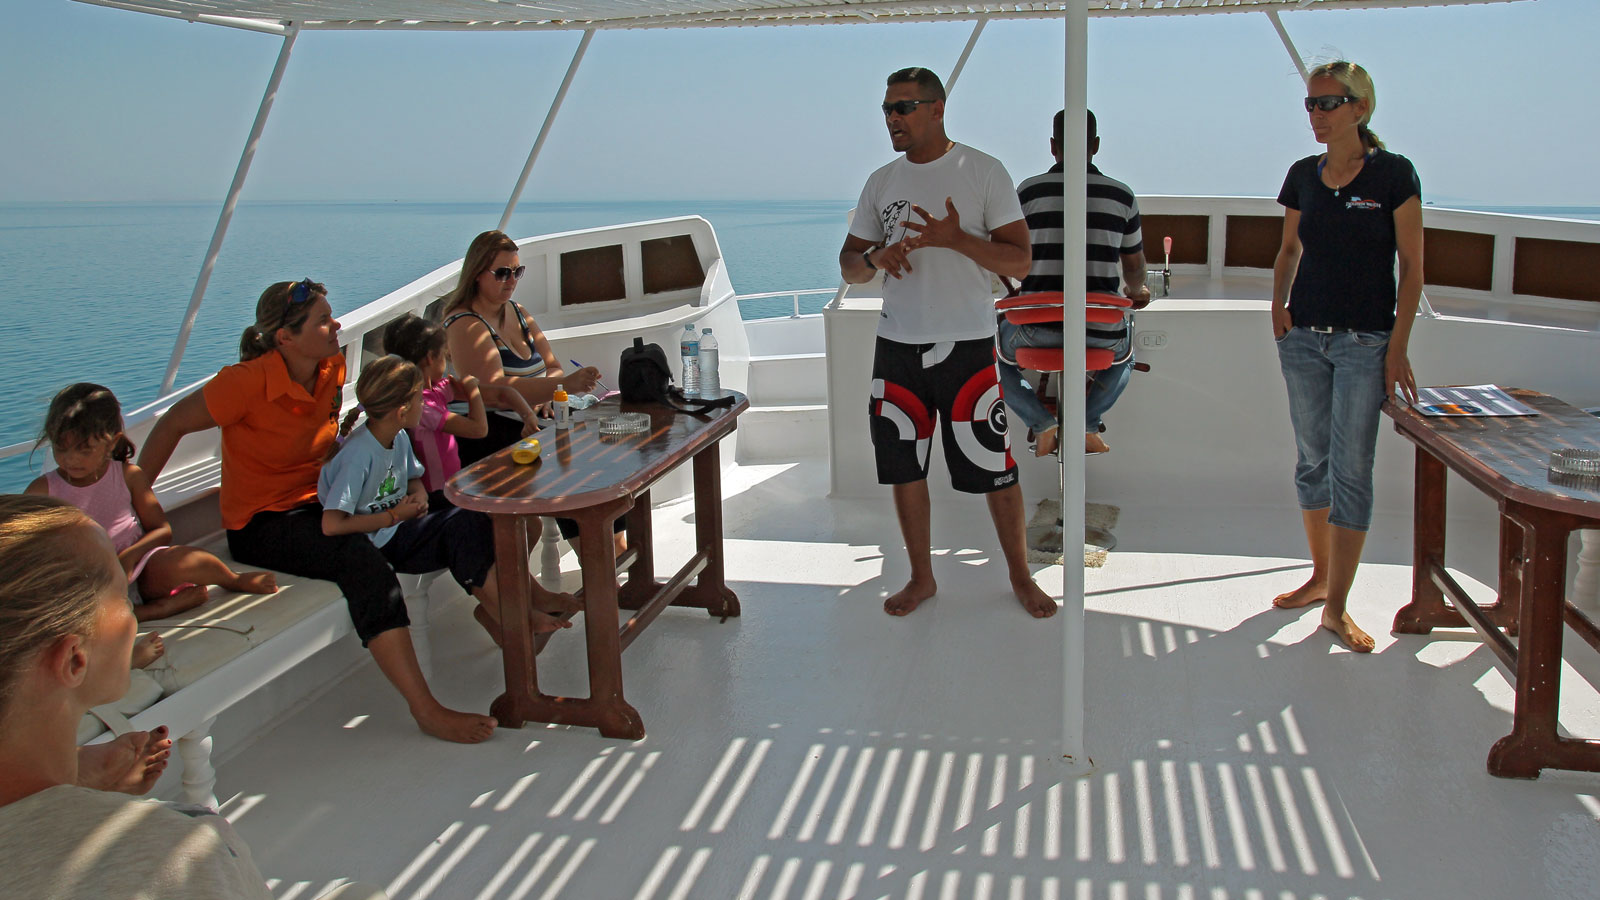 Vortrag auf dem Boot von Orca Dive Clubs